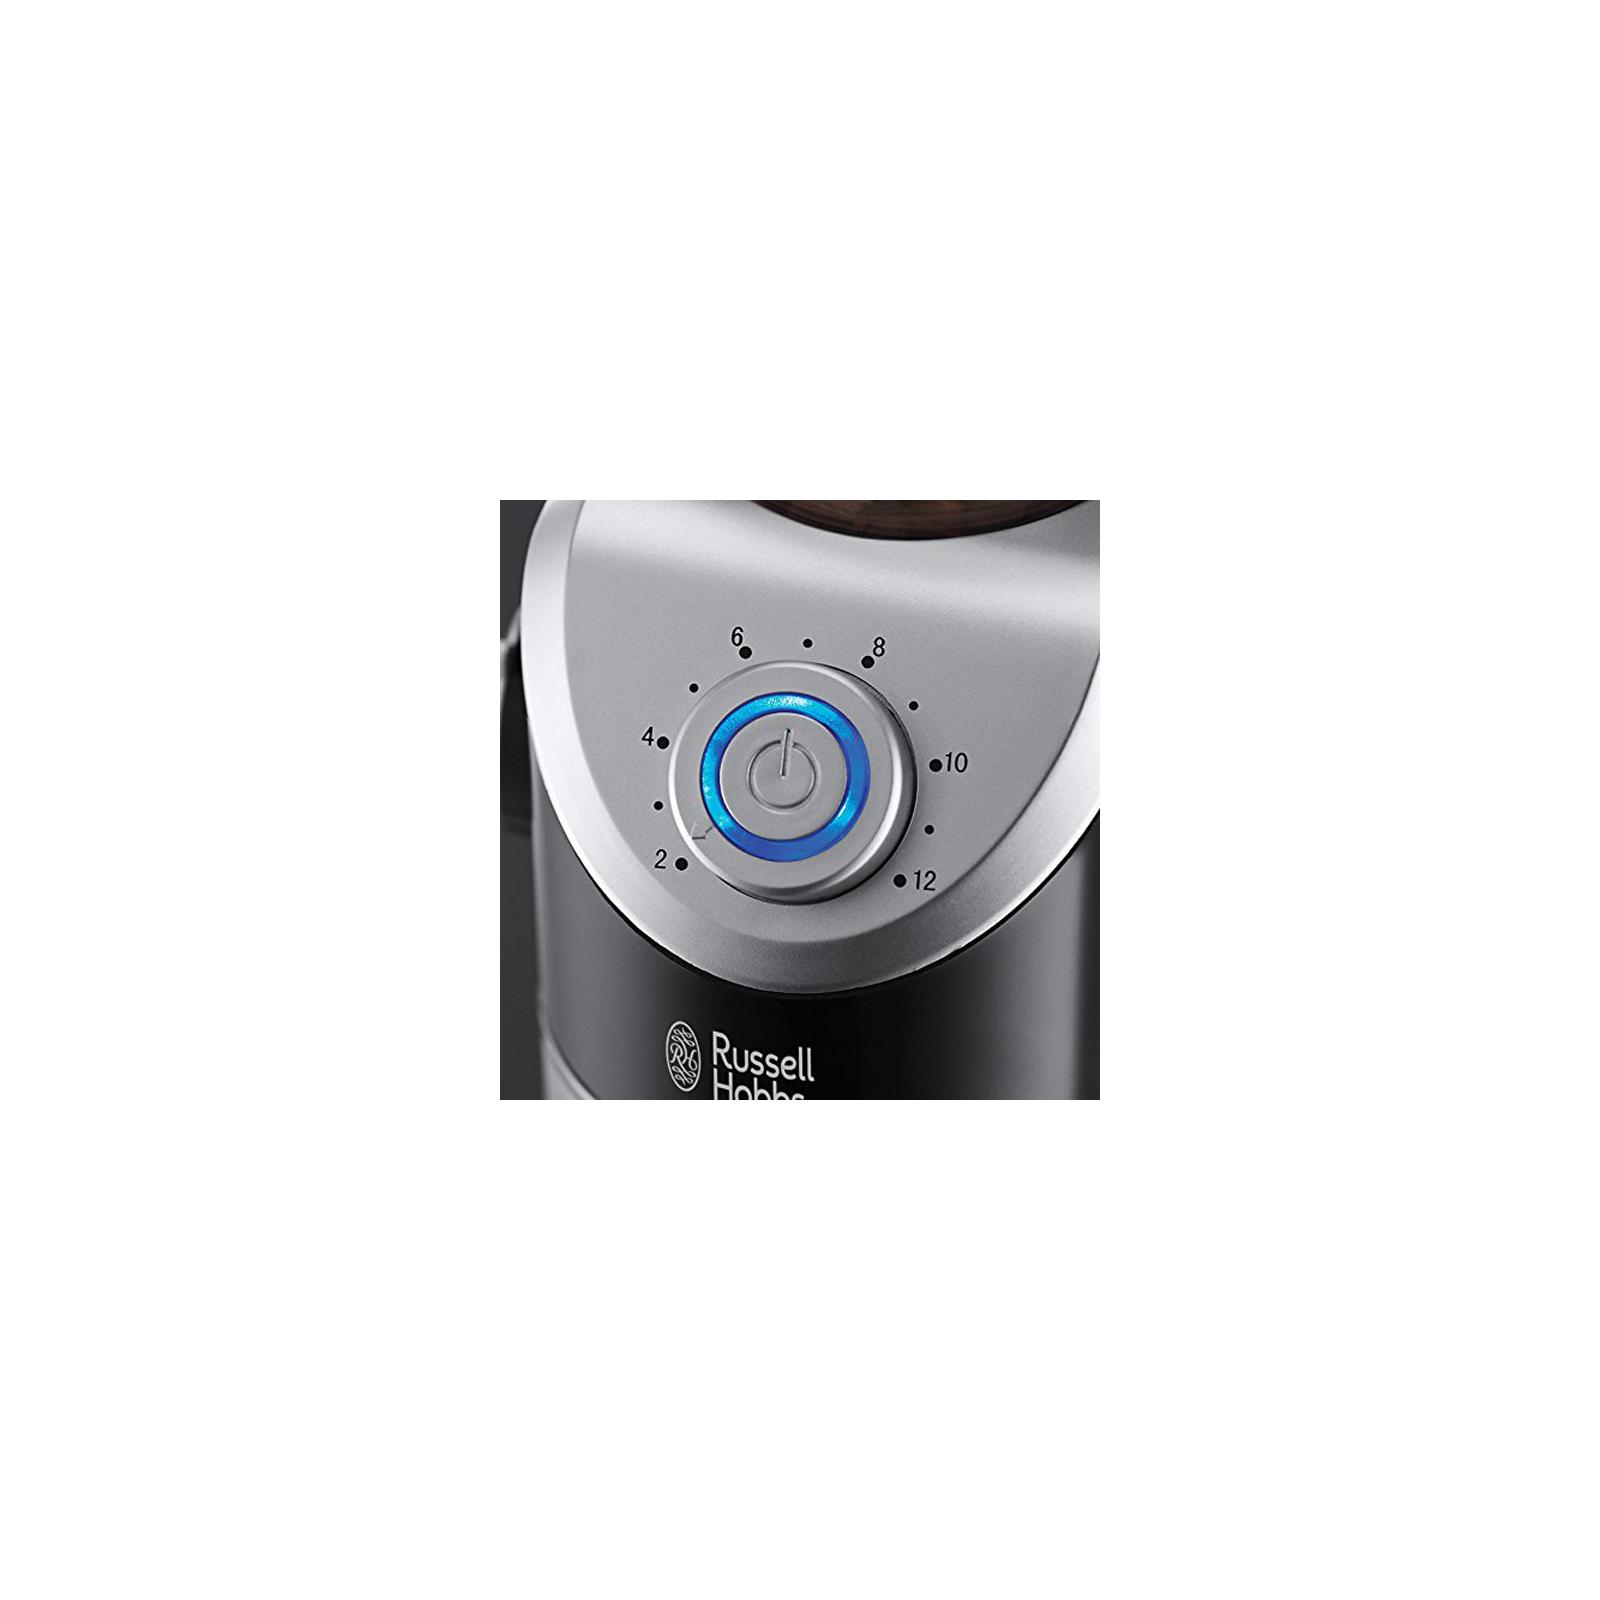 Кофемолка Russell Hobbs 23120-56 изображение 2